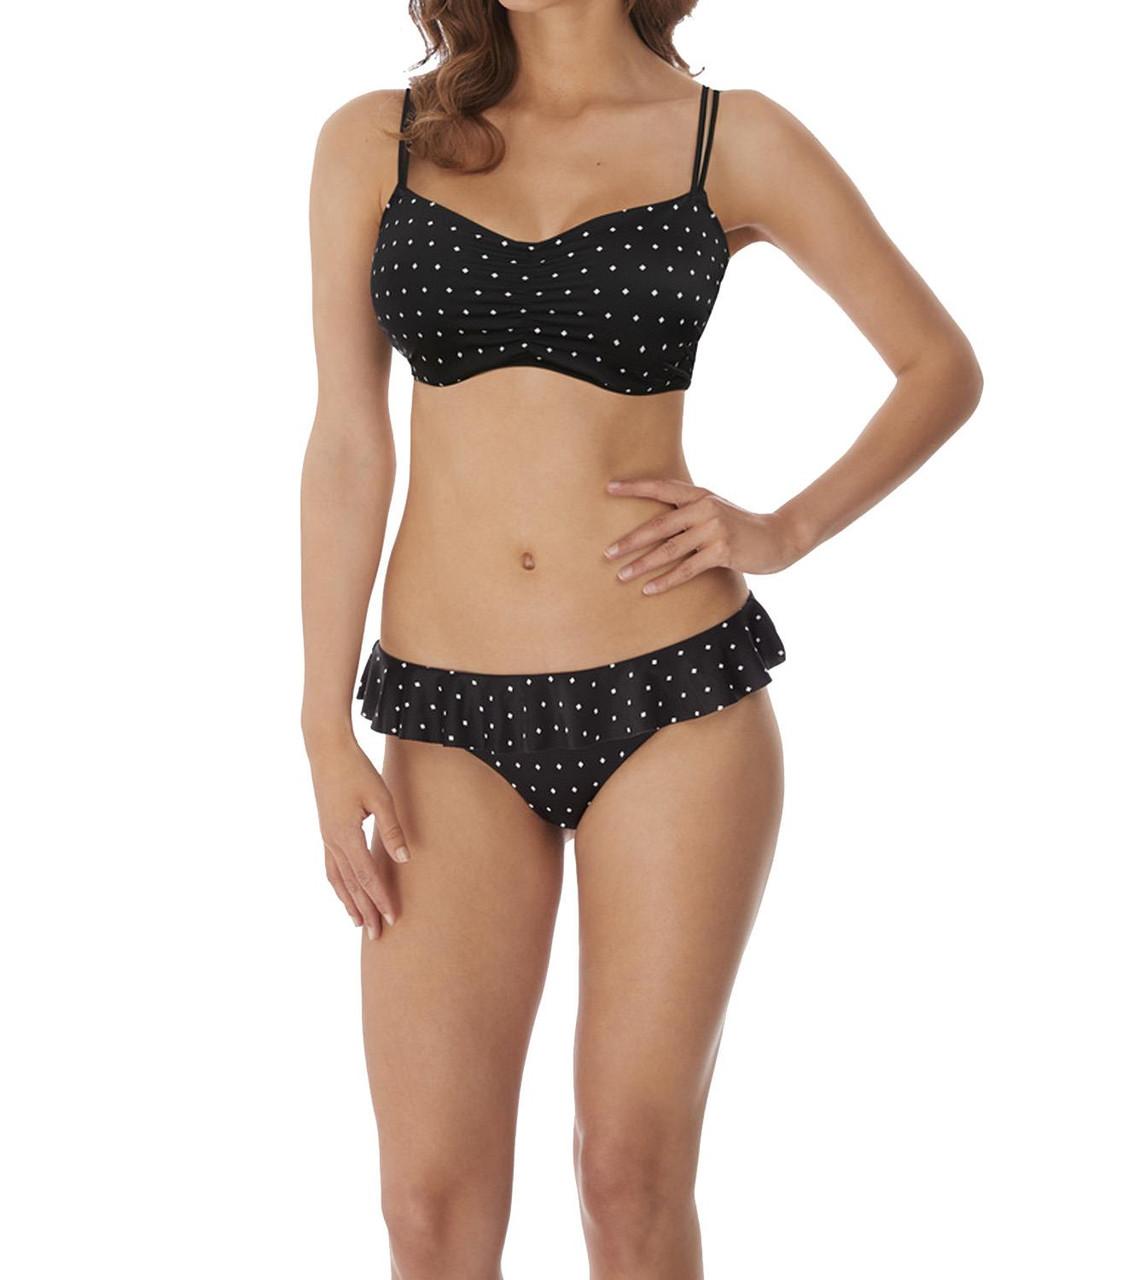 Freya Jewel Cove AS7239 W Underwired Bralette Crop Bikini Top Black BLK CS